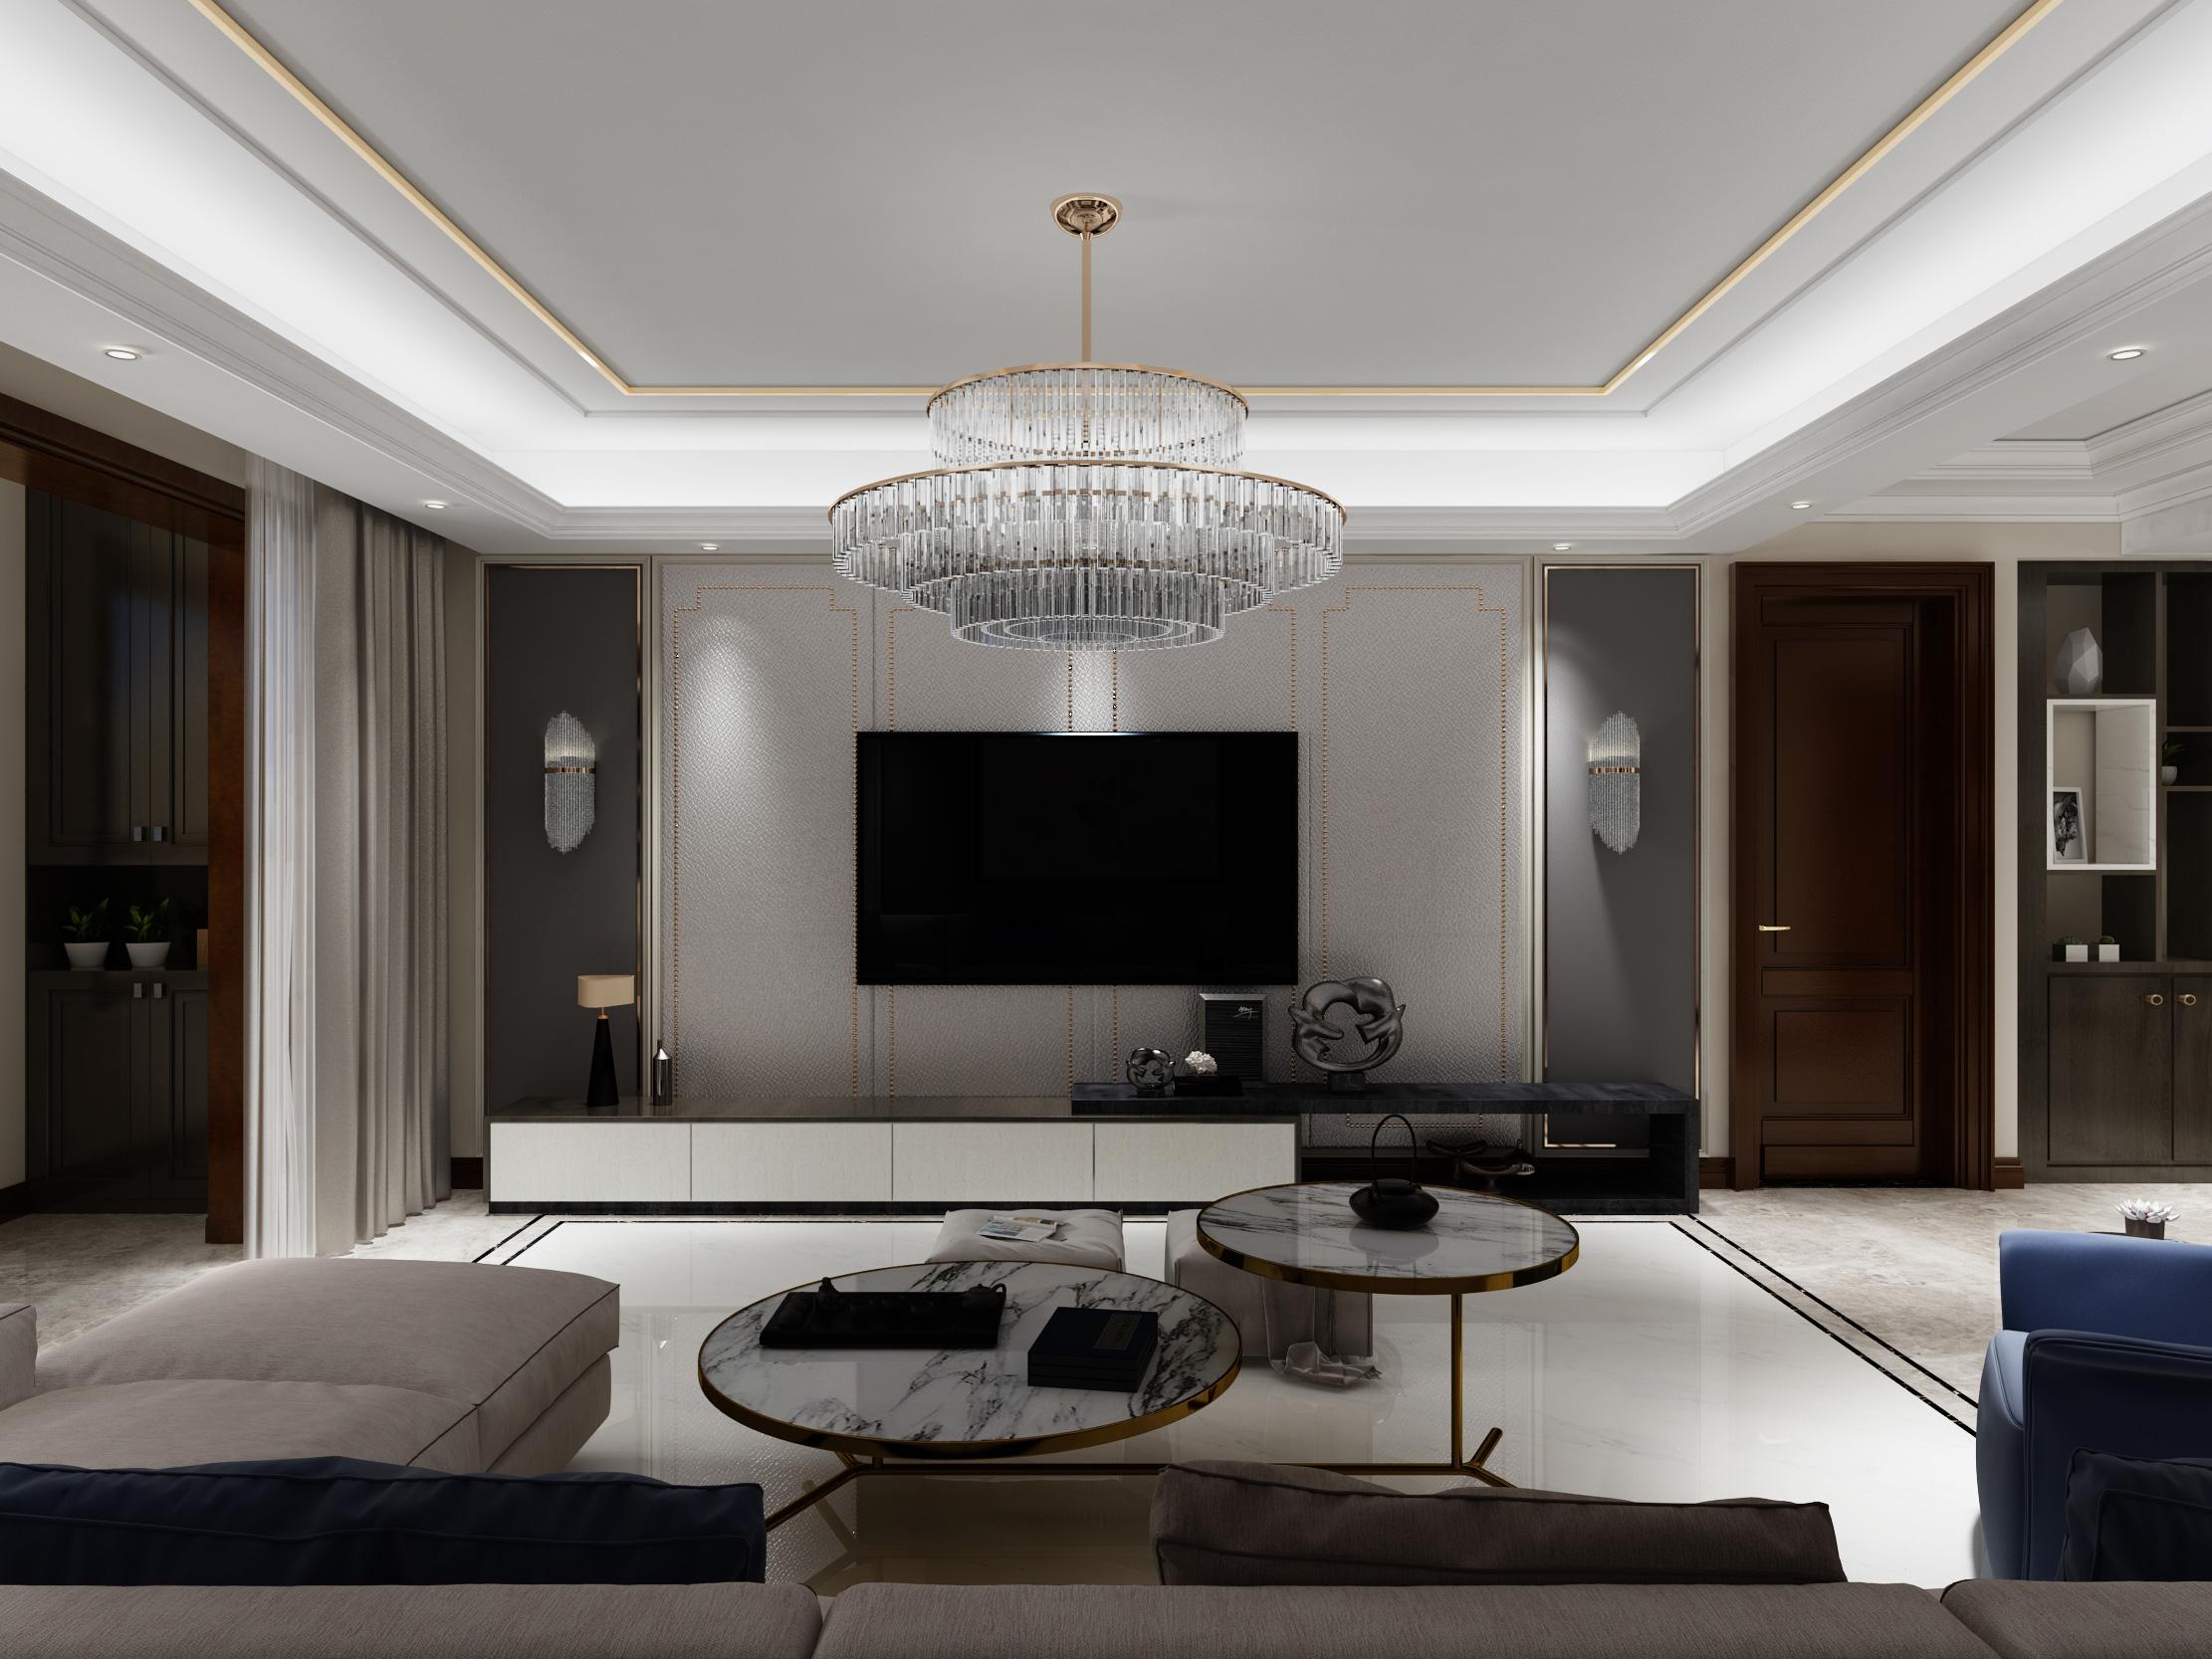 室内石材装修的种类有哪些?